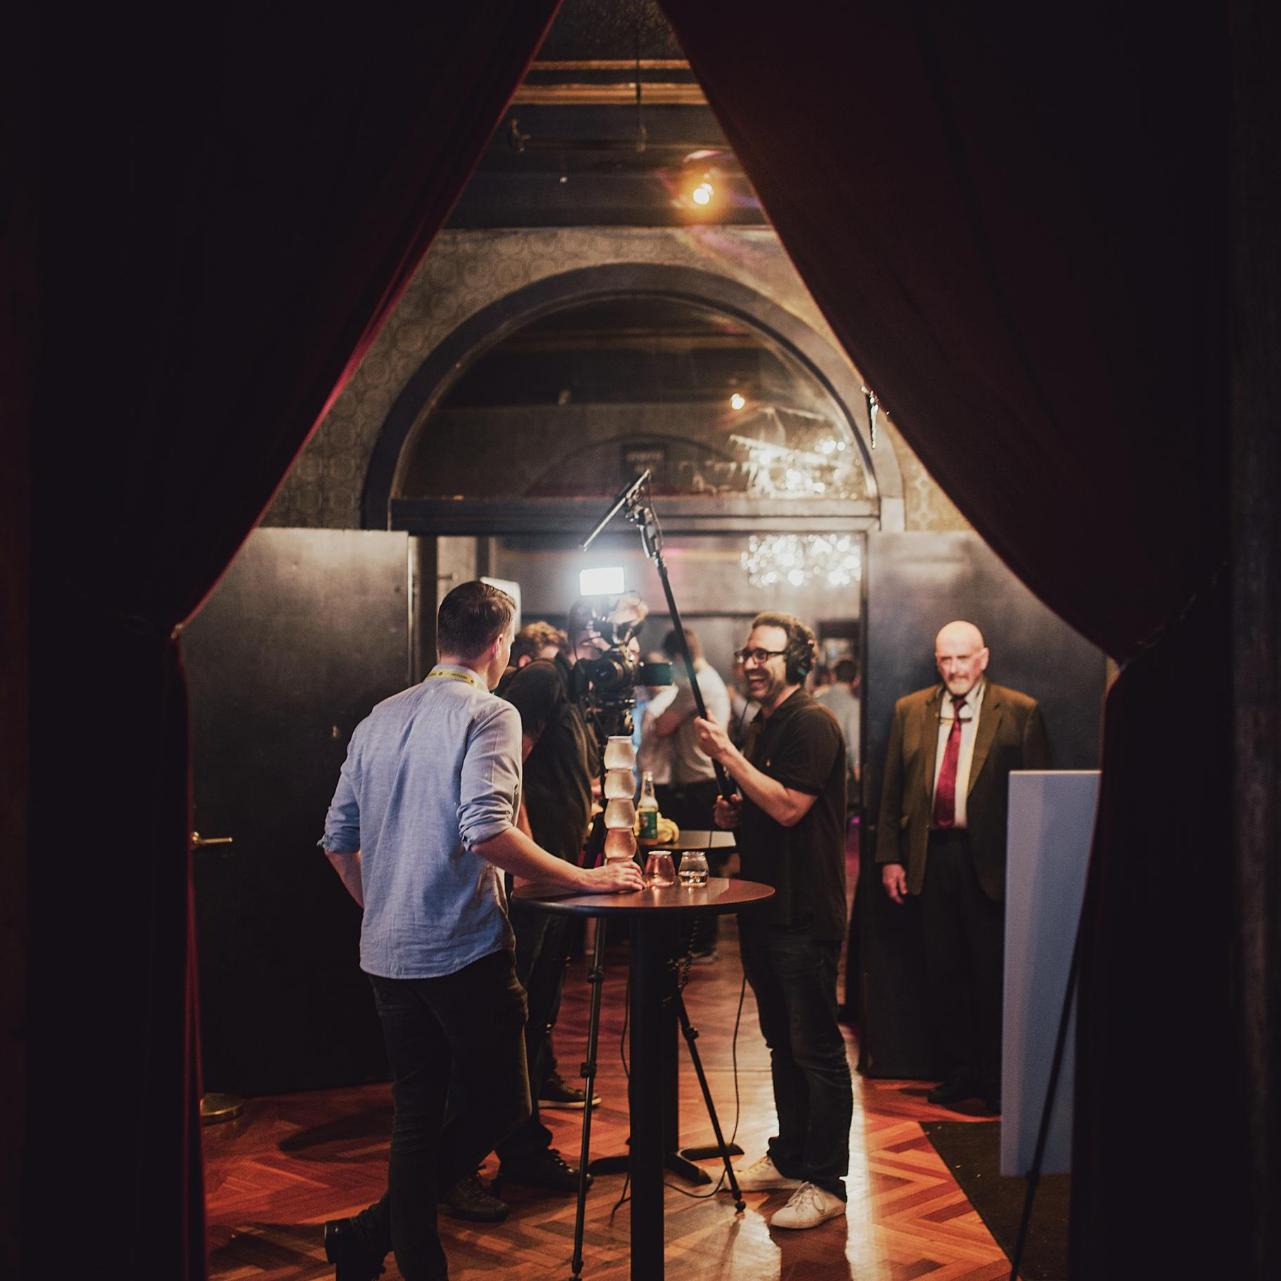 Startup being interviewed